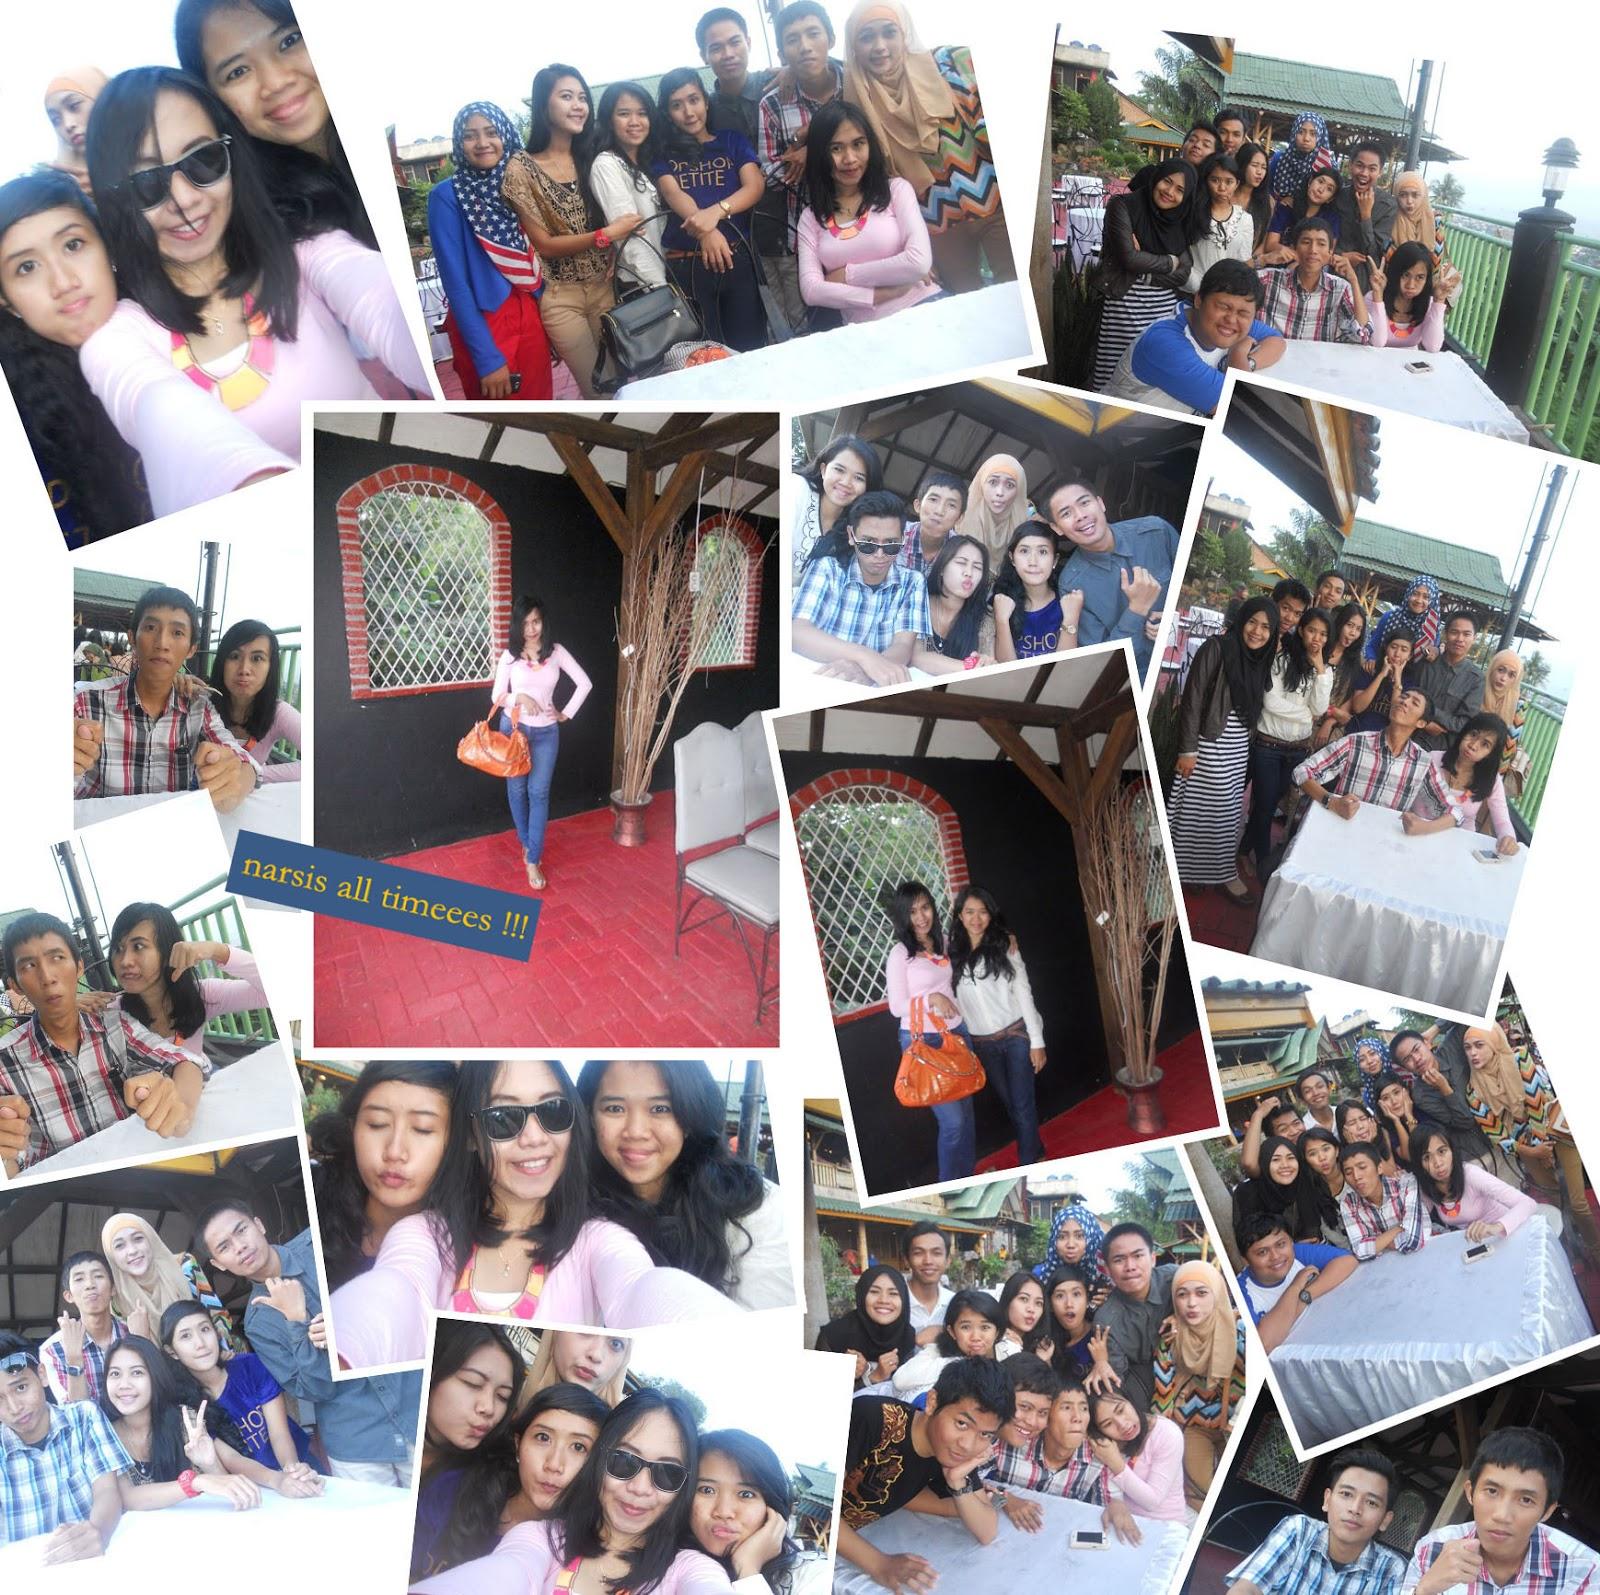 joey graceffa collage wallpaper wwwimgkidcom the